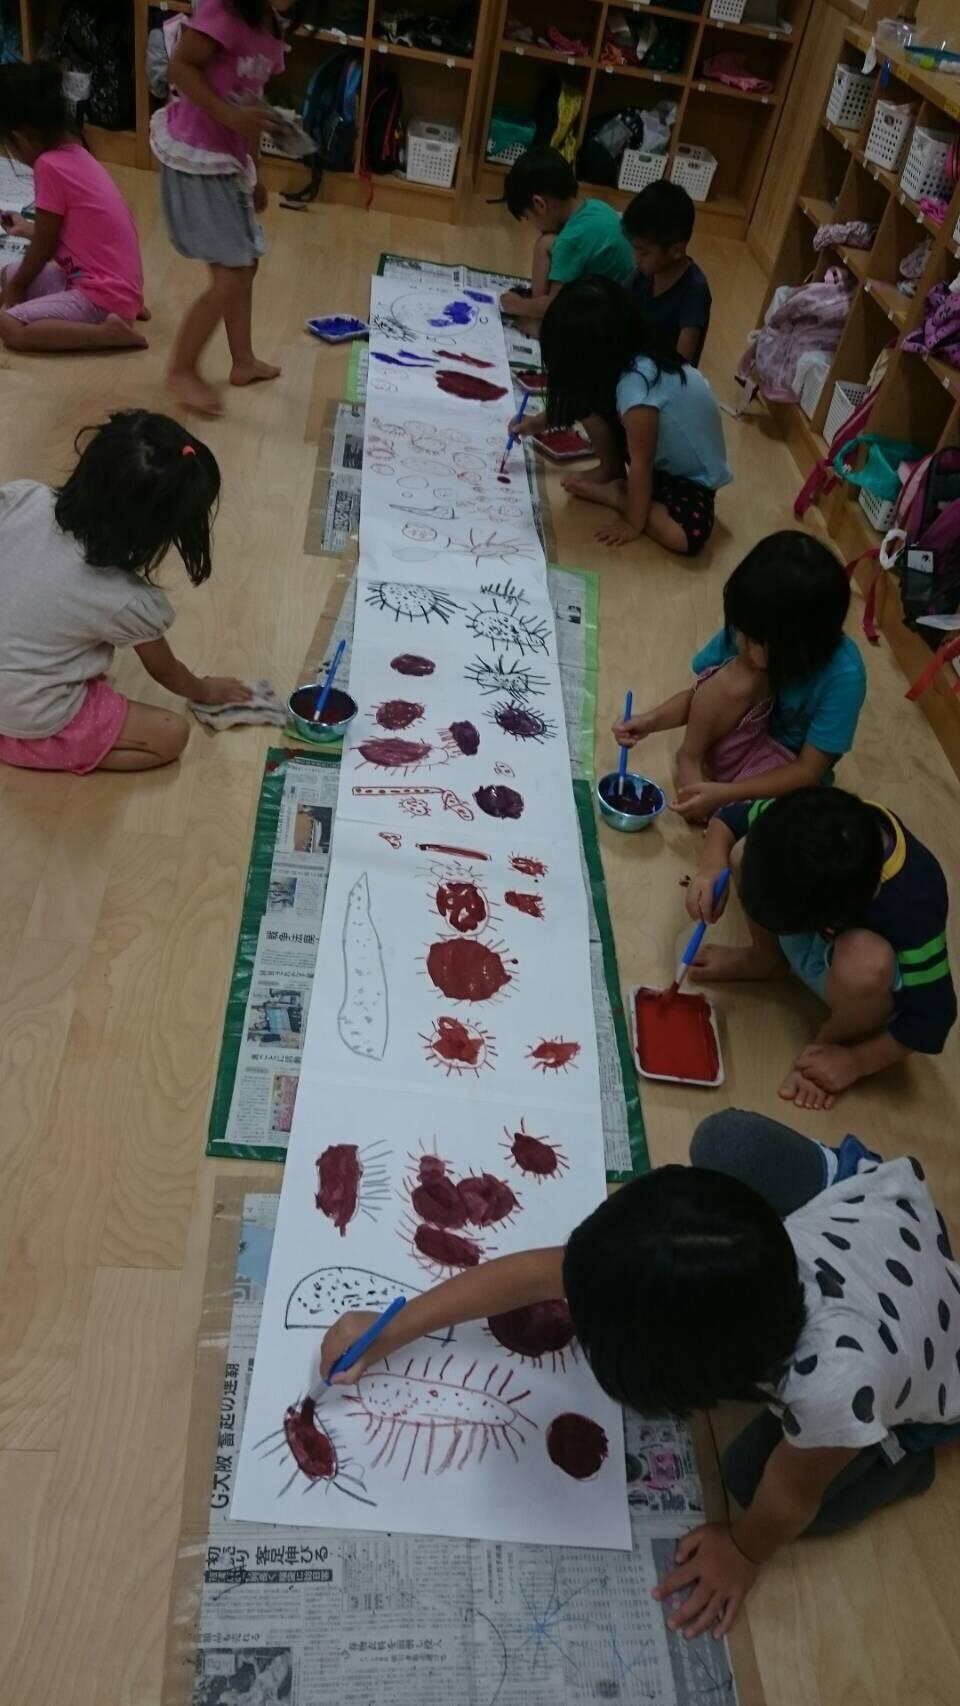 4歳児 らいおん組  お芋掘りの絵を描いたよ_c0151262_21380459.jpg